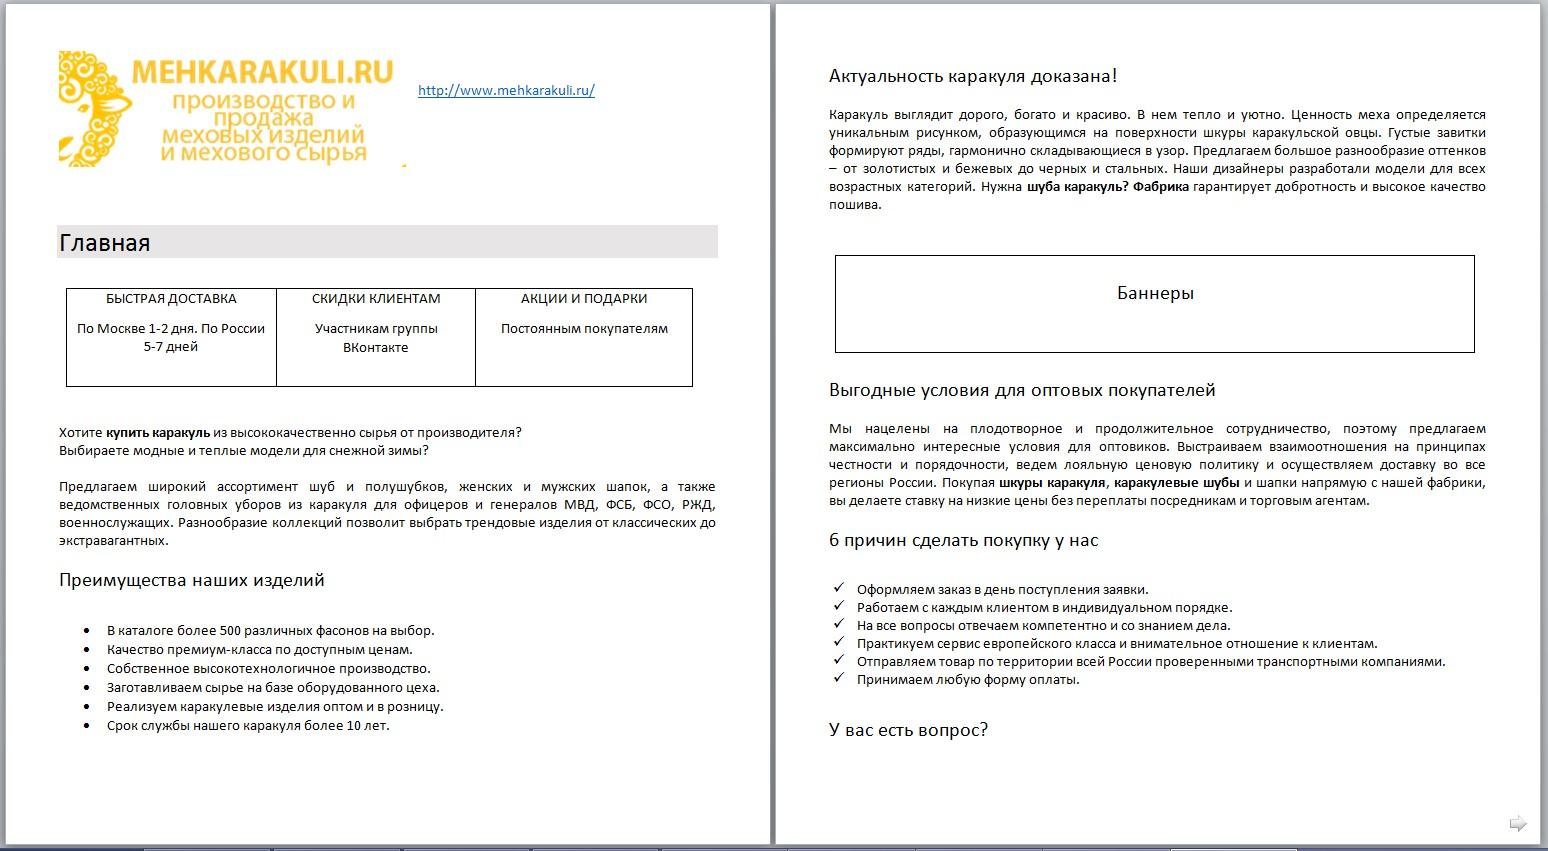 Продающий текст - фабрика каракулевых изделий для ФСБ (отрывок)